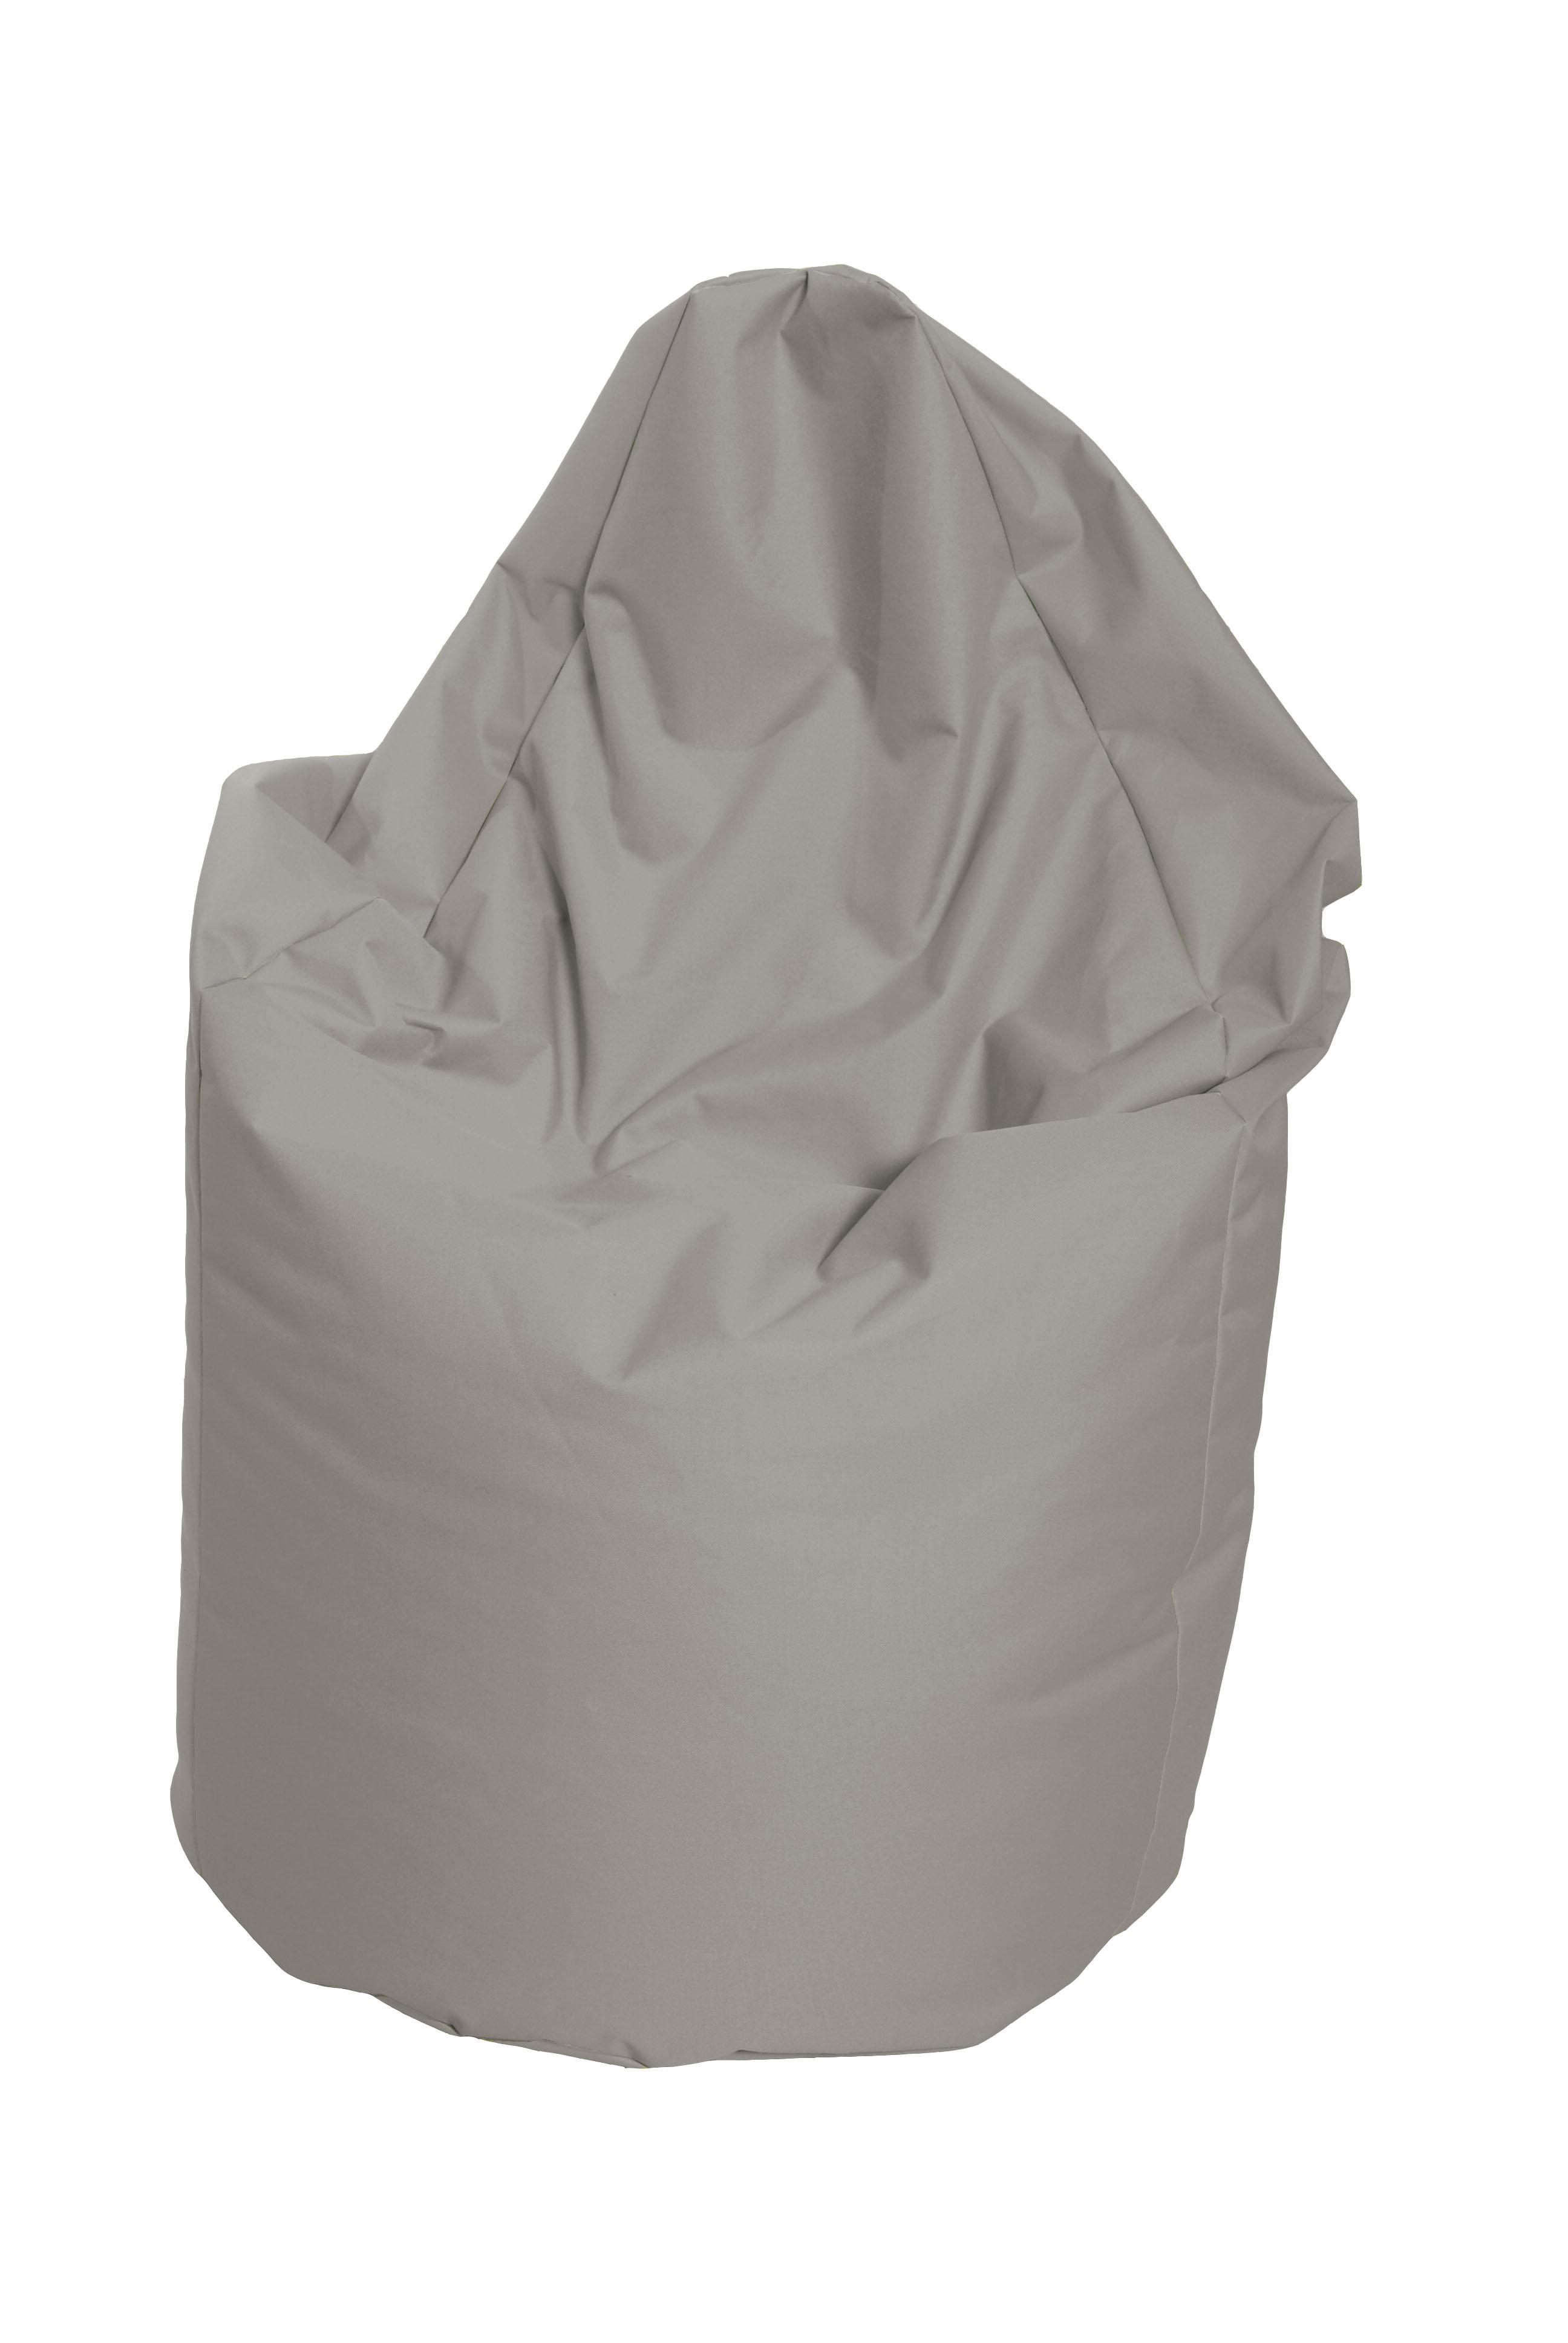 M&M sedací vak hruška Mega s vnitřním obalem 140x80cm šedá (šedá 80058)